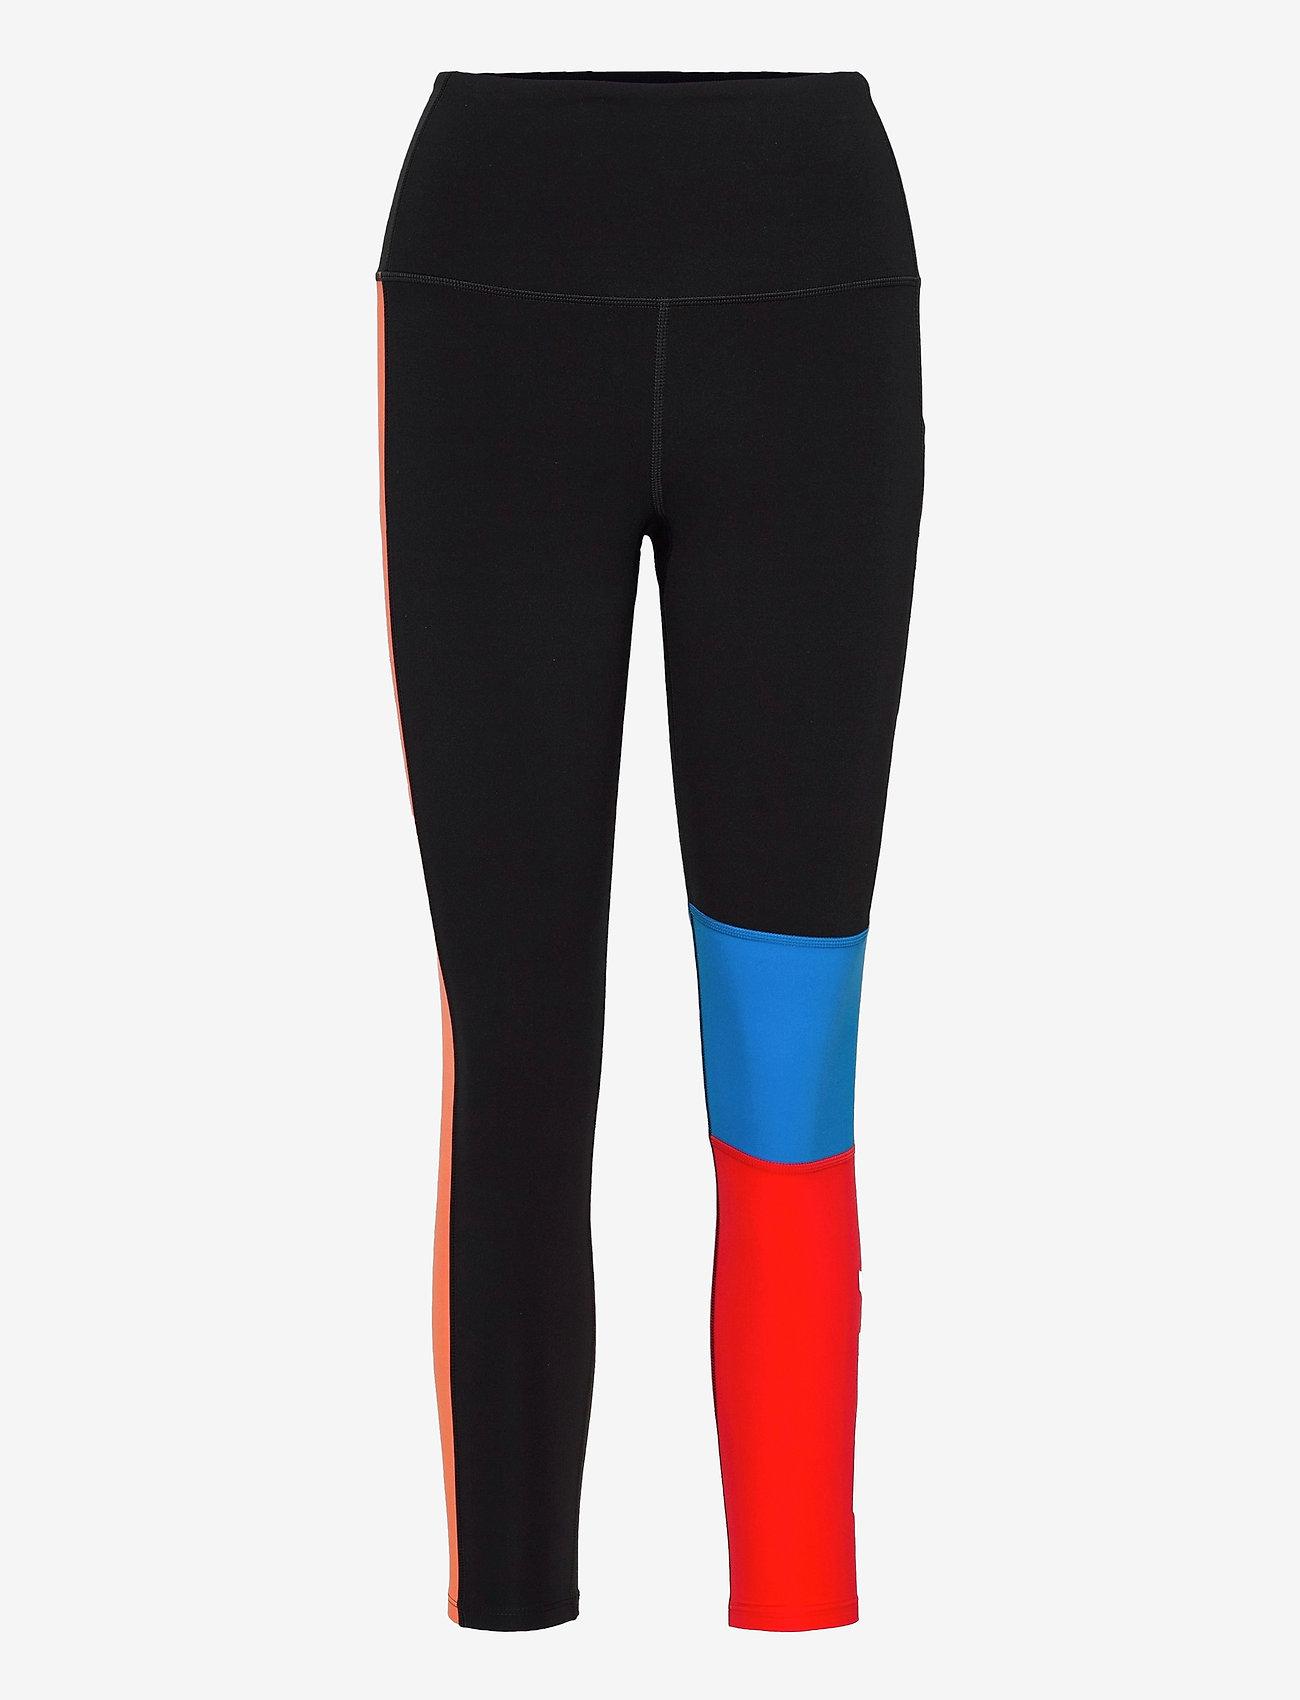 2XU - FORM BLOCK HI-RISE COMPRESSIO - sportleggings - black/high risk red - 0